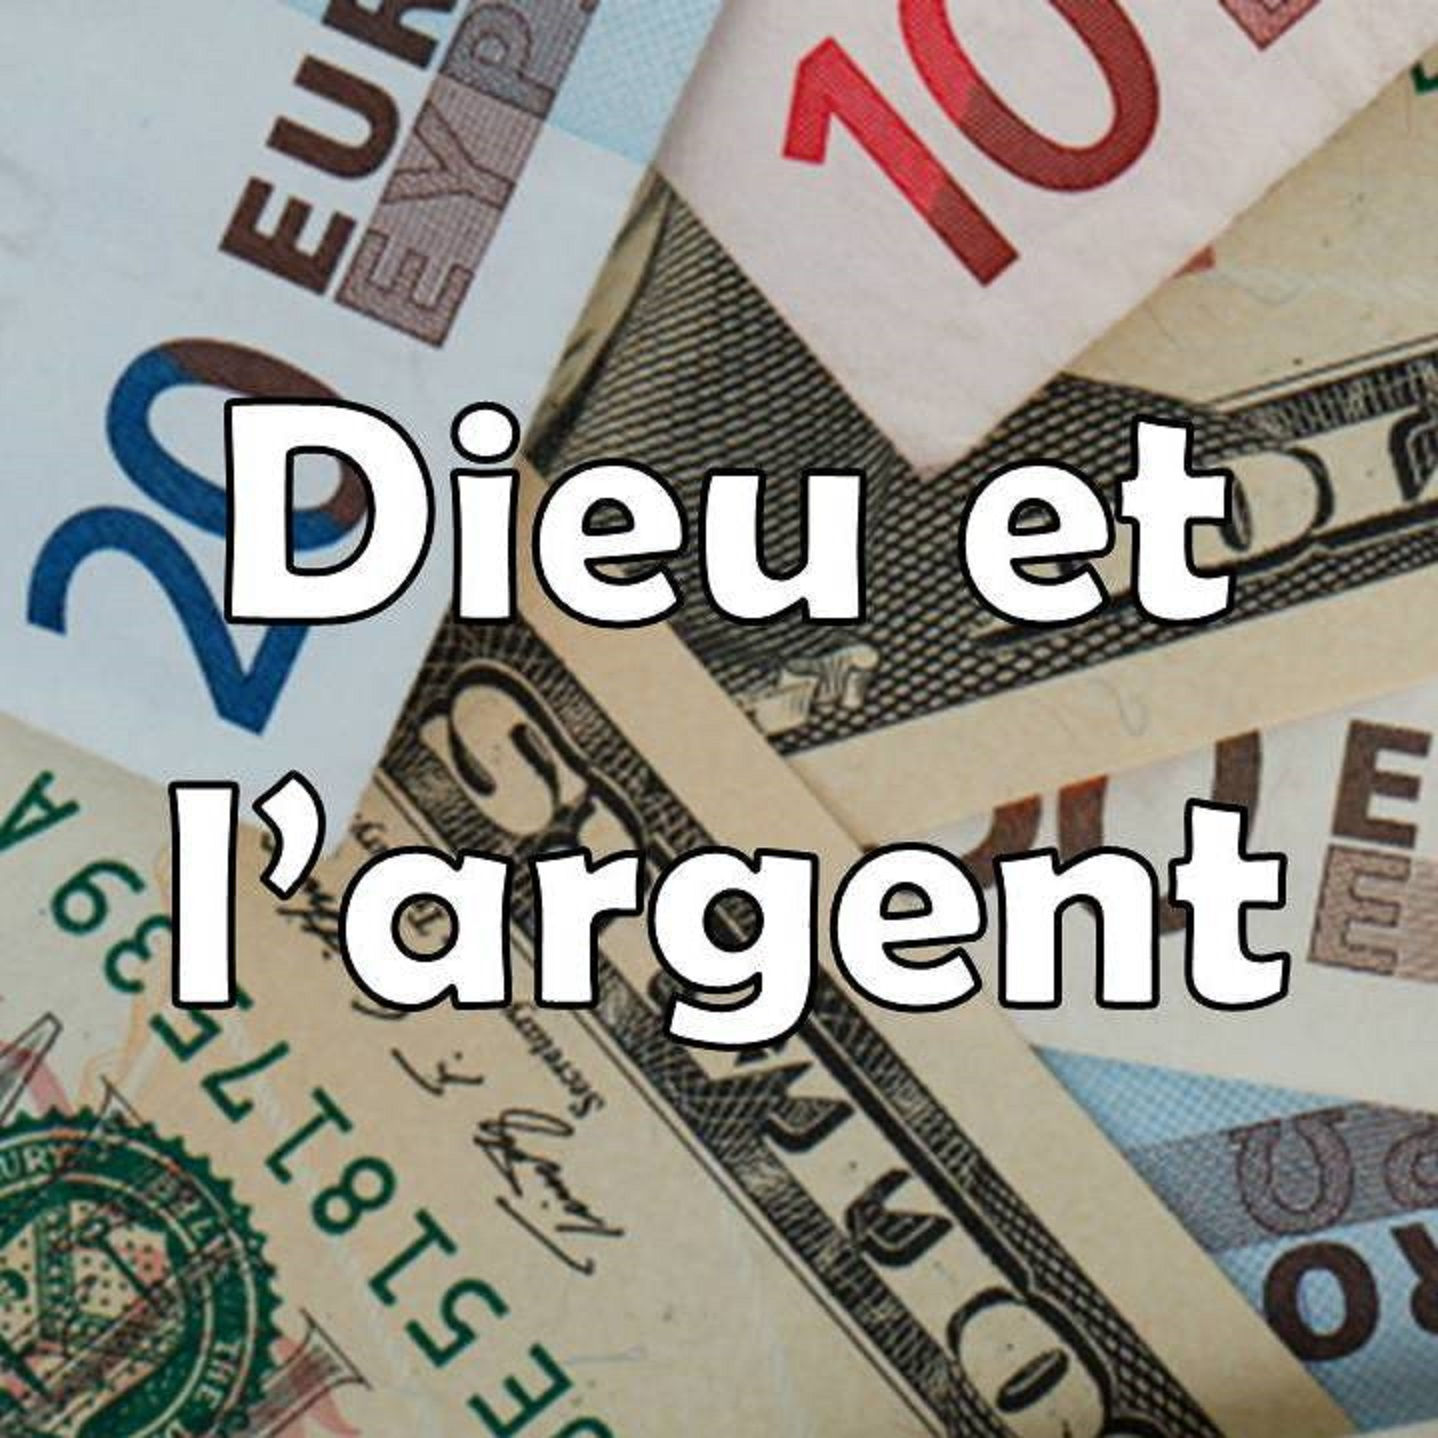 Dieu et l'argent 26.jpg